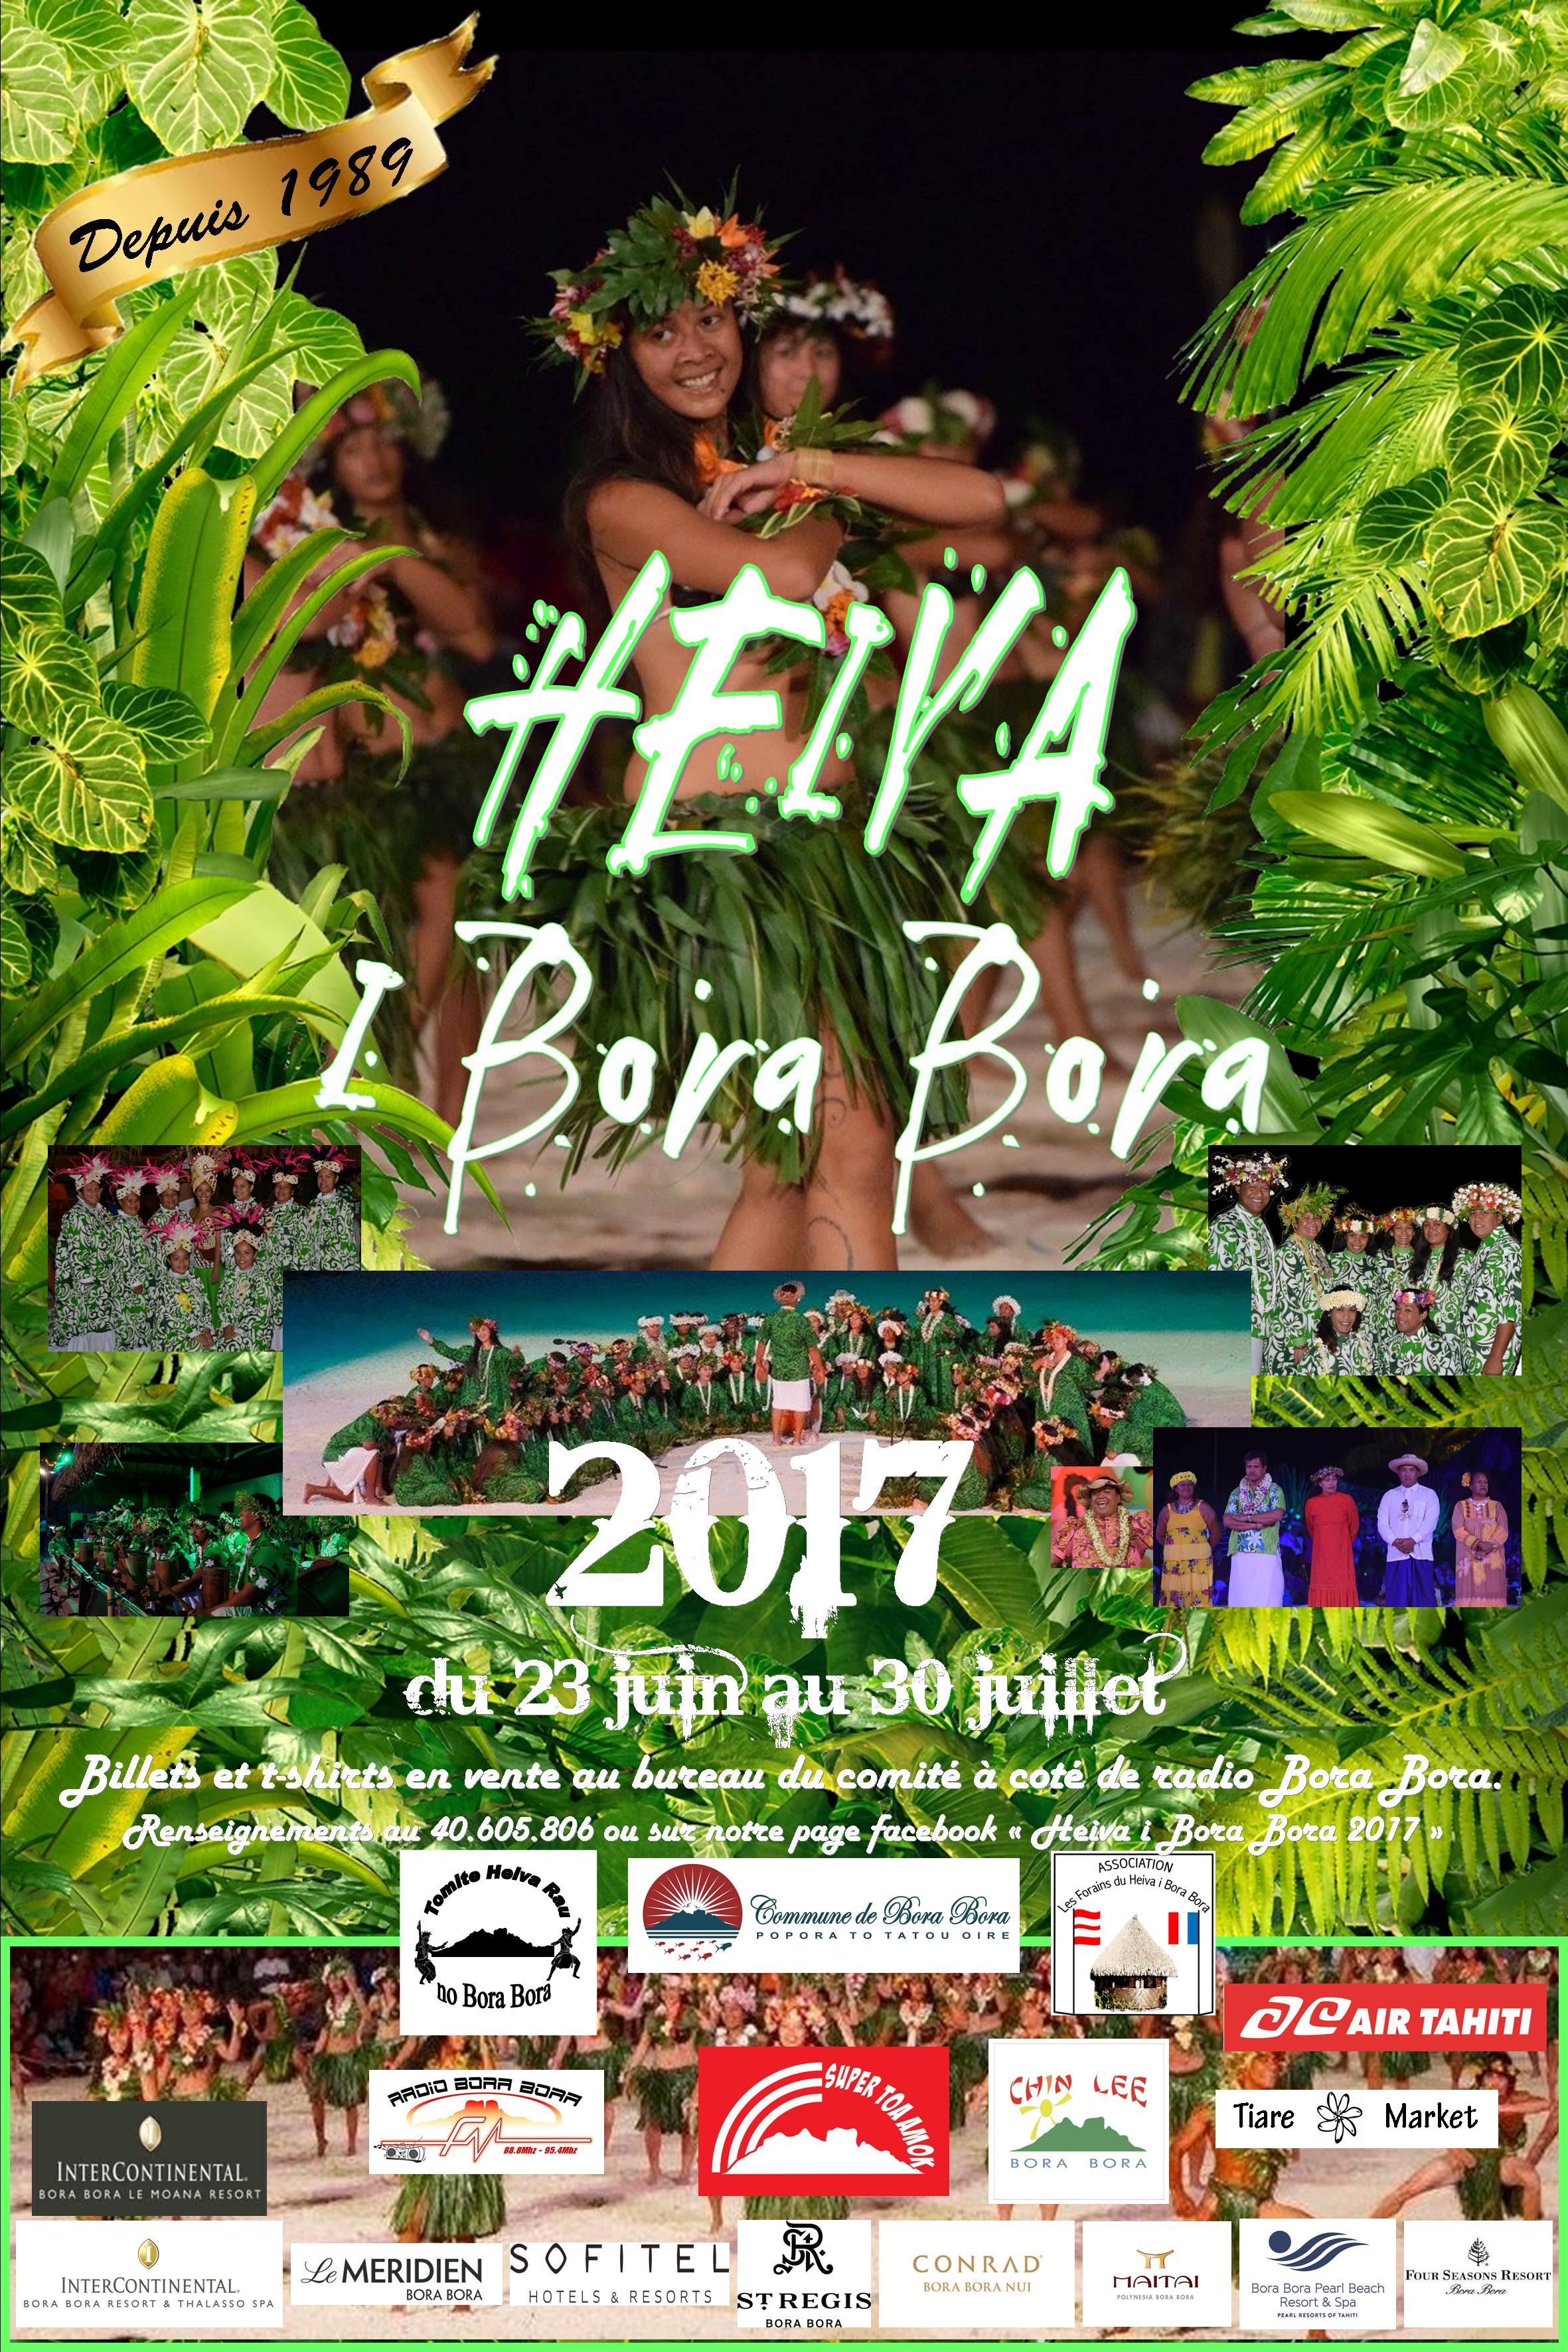 Six groupes de chants et danses s'affronteront cette année au Heiva i Bora Bora.